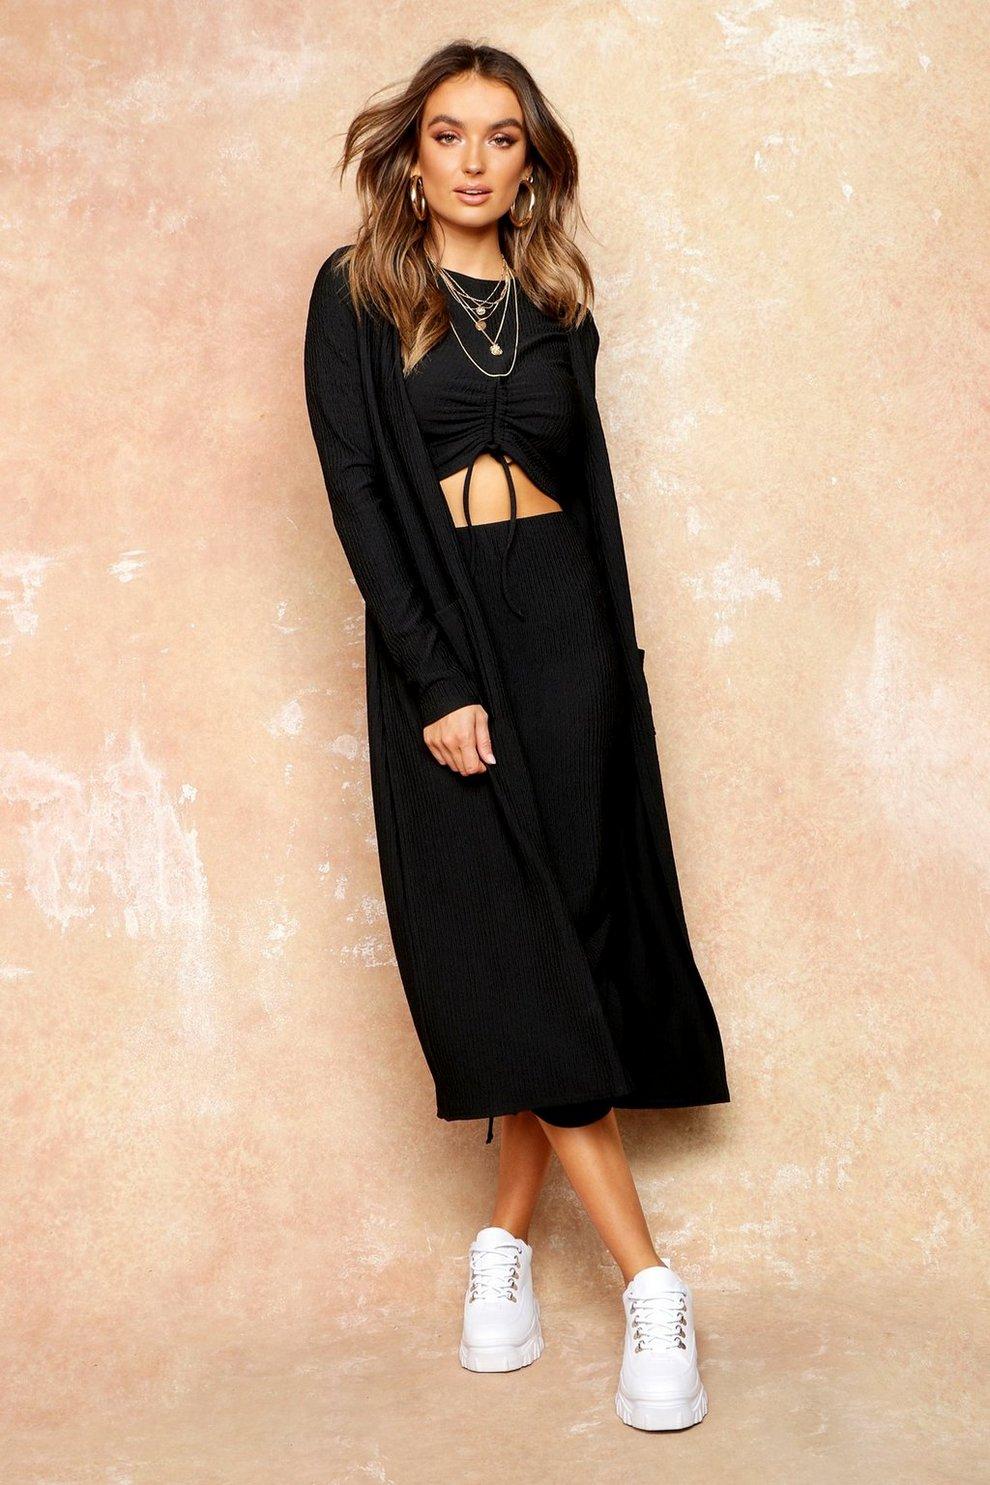 21bfd529f9b Womens Black Knit Pocket Maxi Cardigan